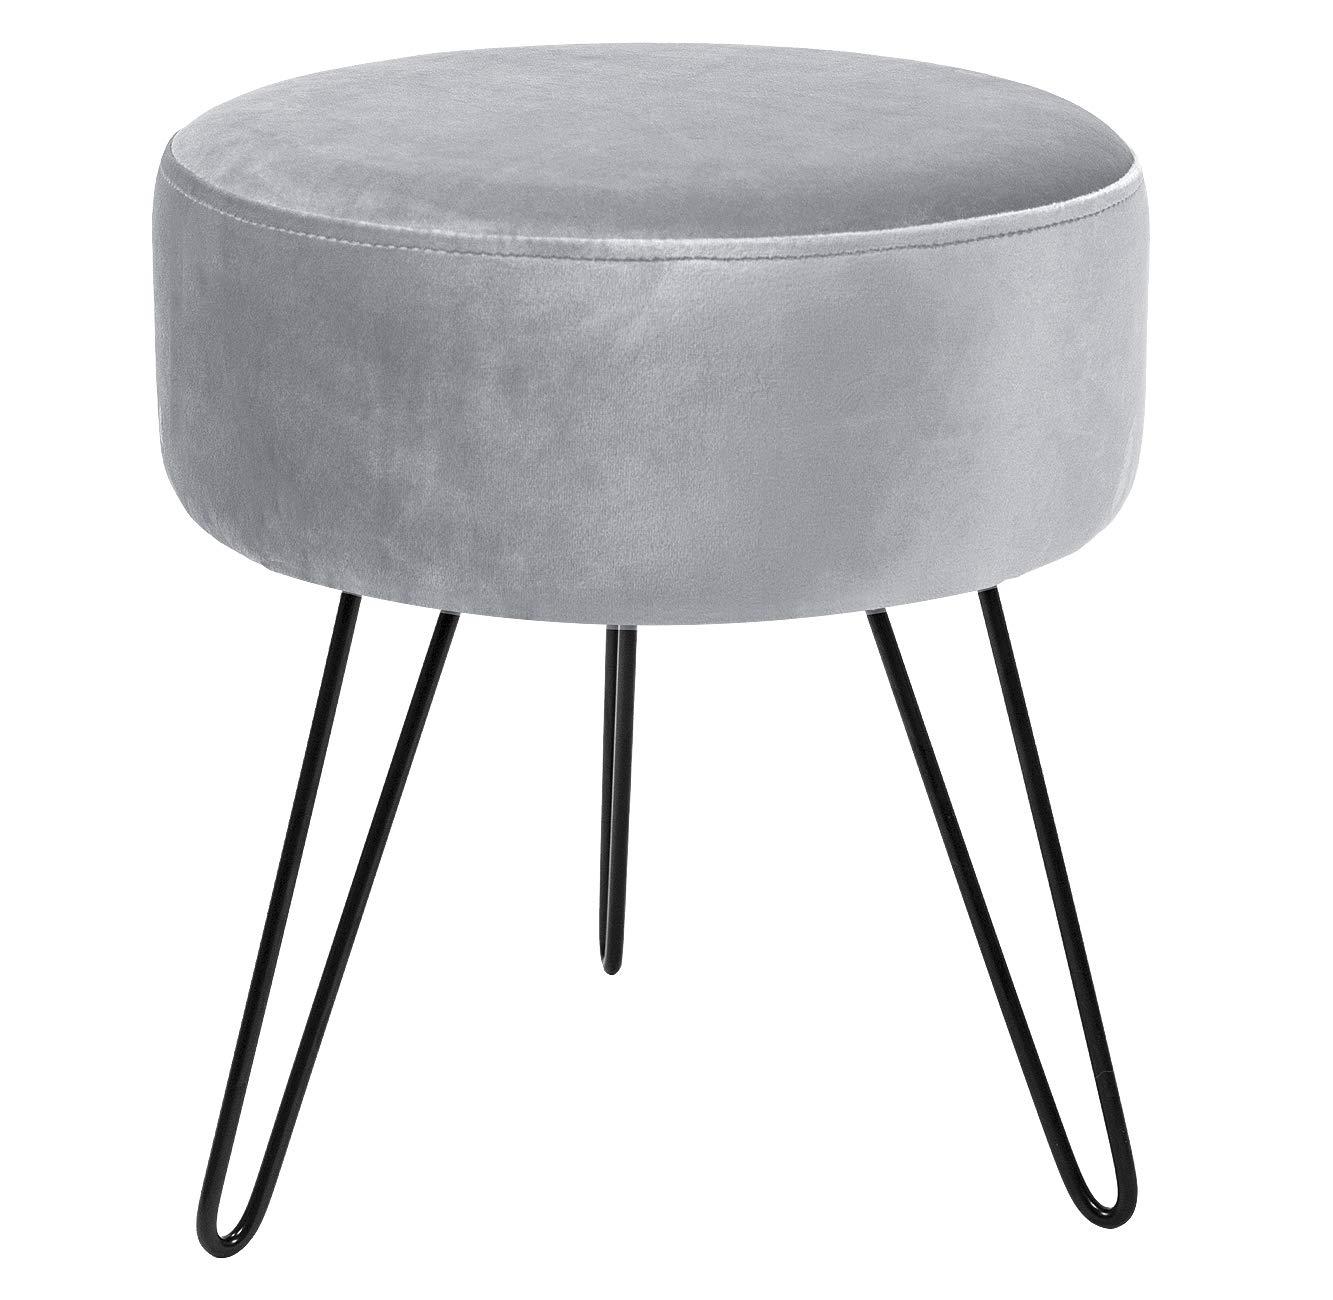 Sorbus Velvet Footrest Stool, Round Mid-Century Modern Luxe Velvet Ottoman, Footstool Side Table, Removable Metal Leg Design (Gray) by Sorbus